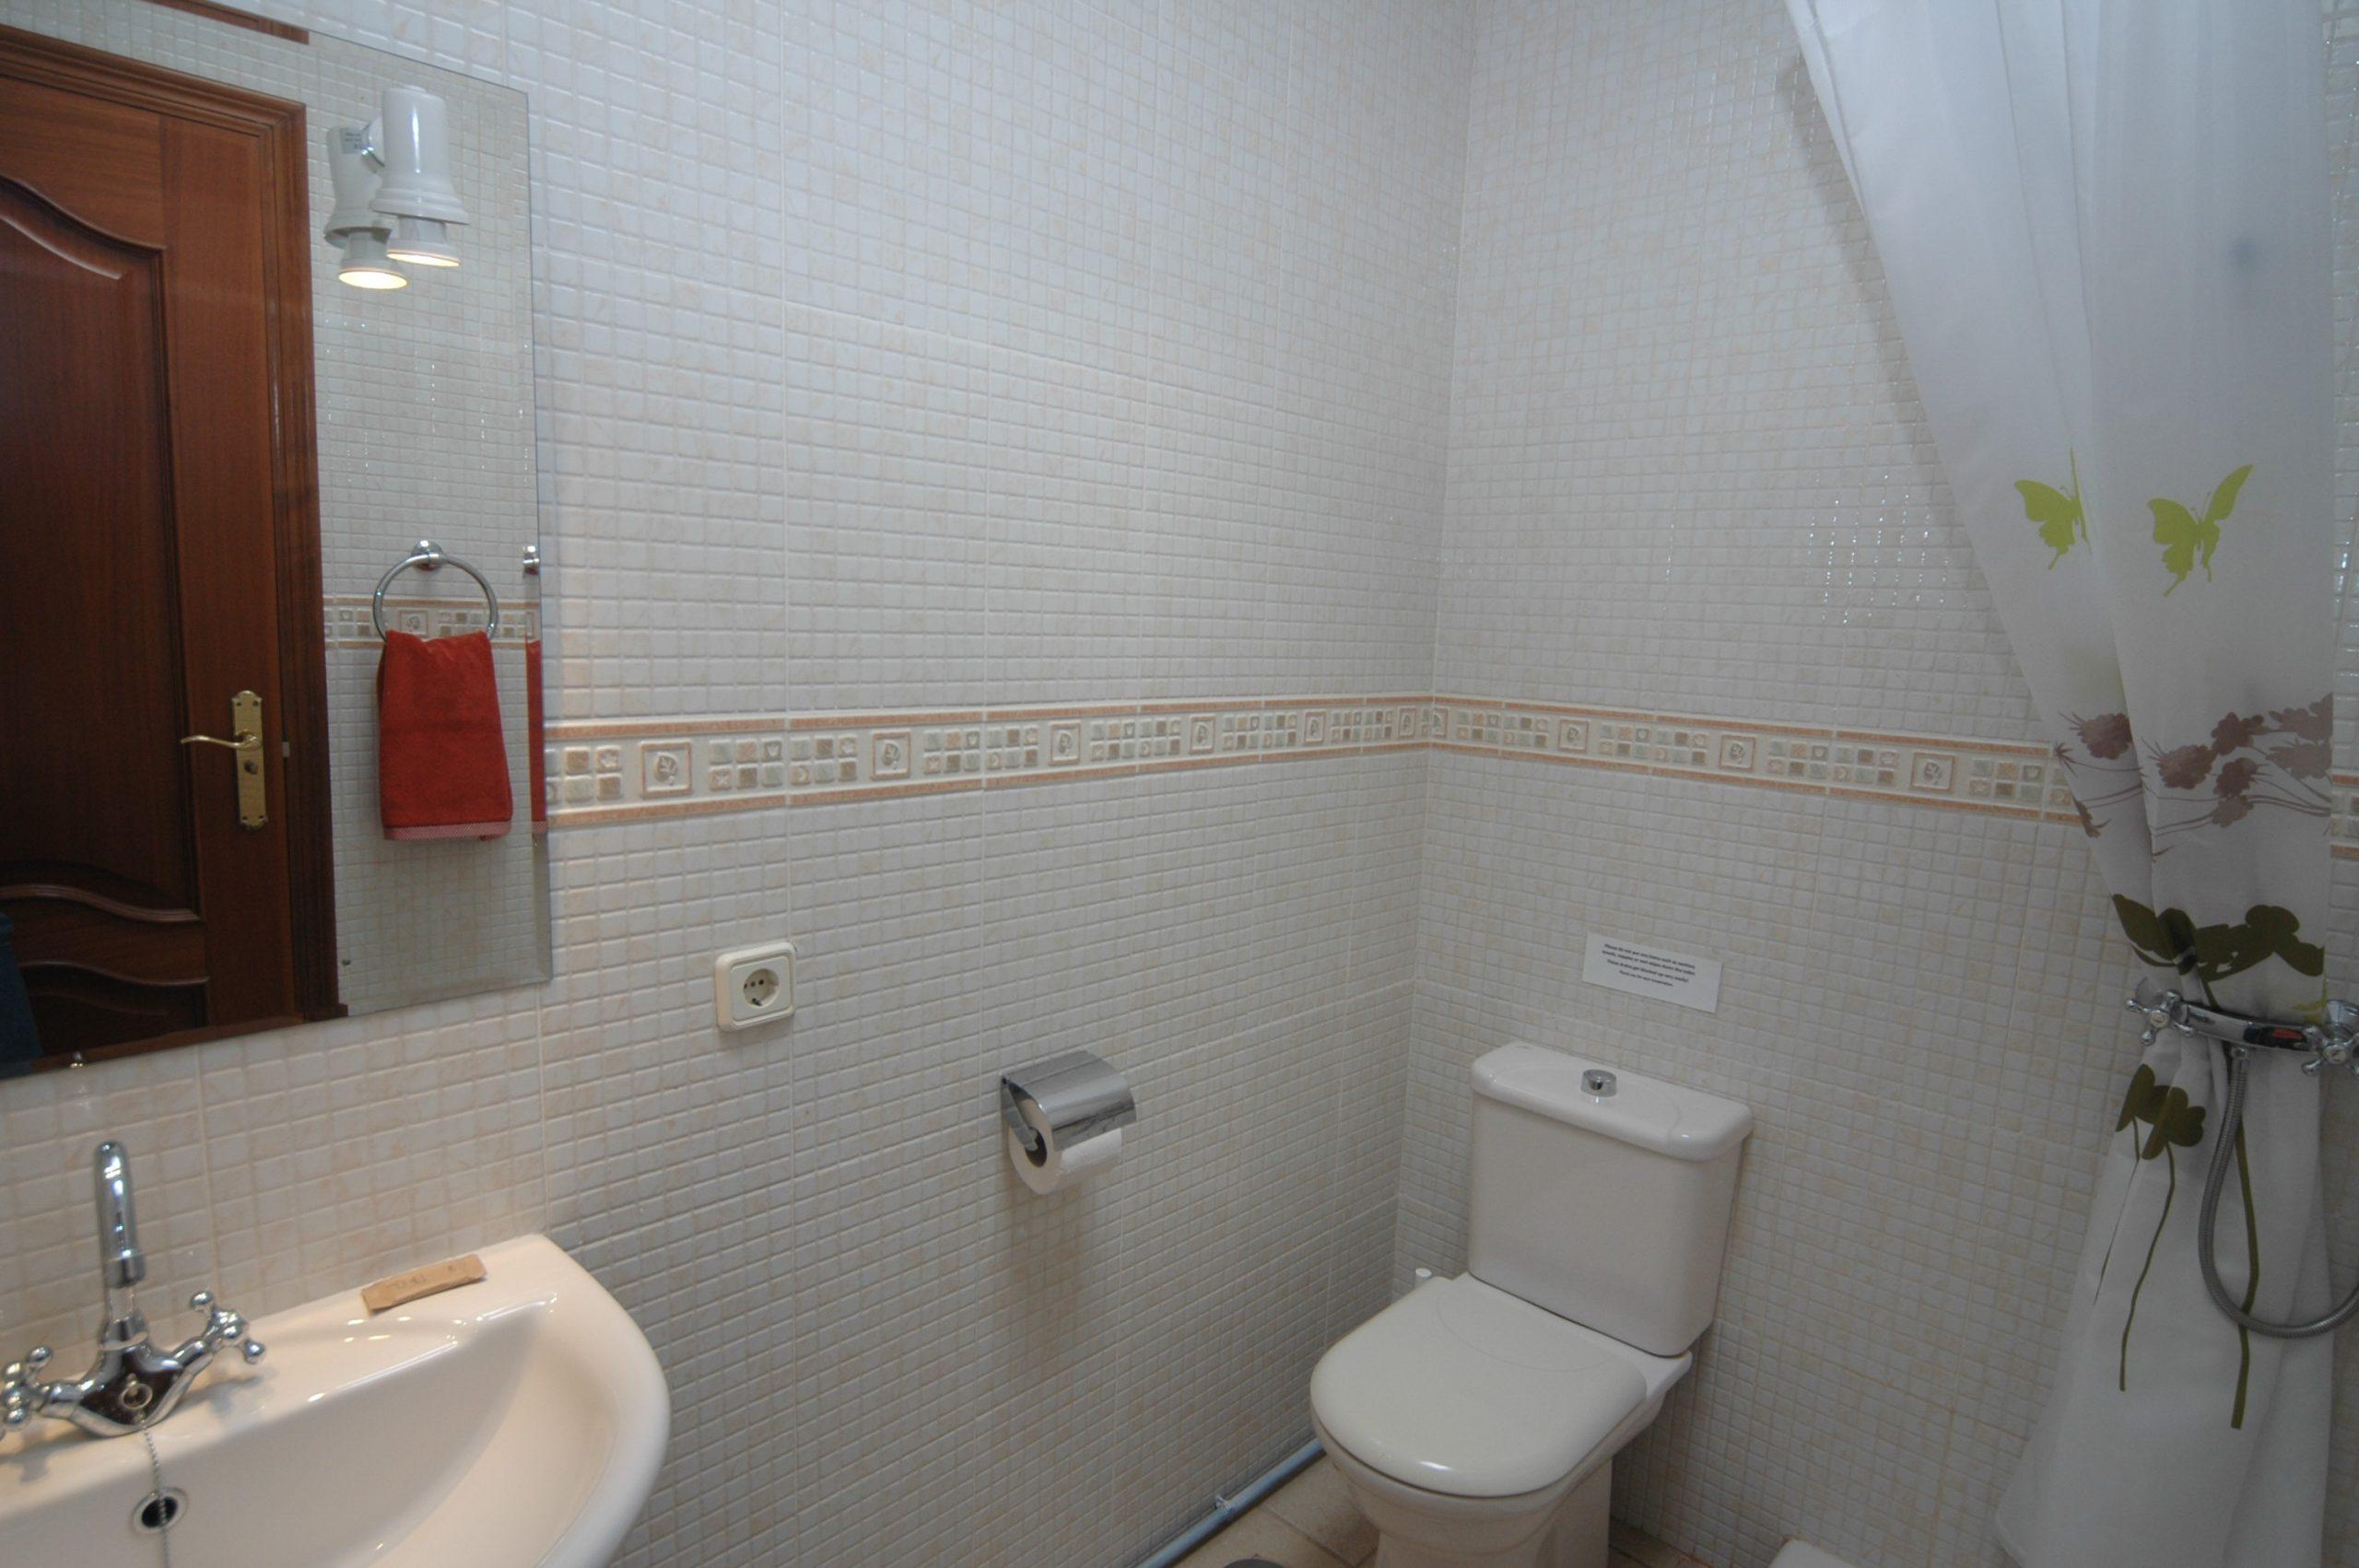 LVC200828 Shower room